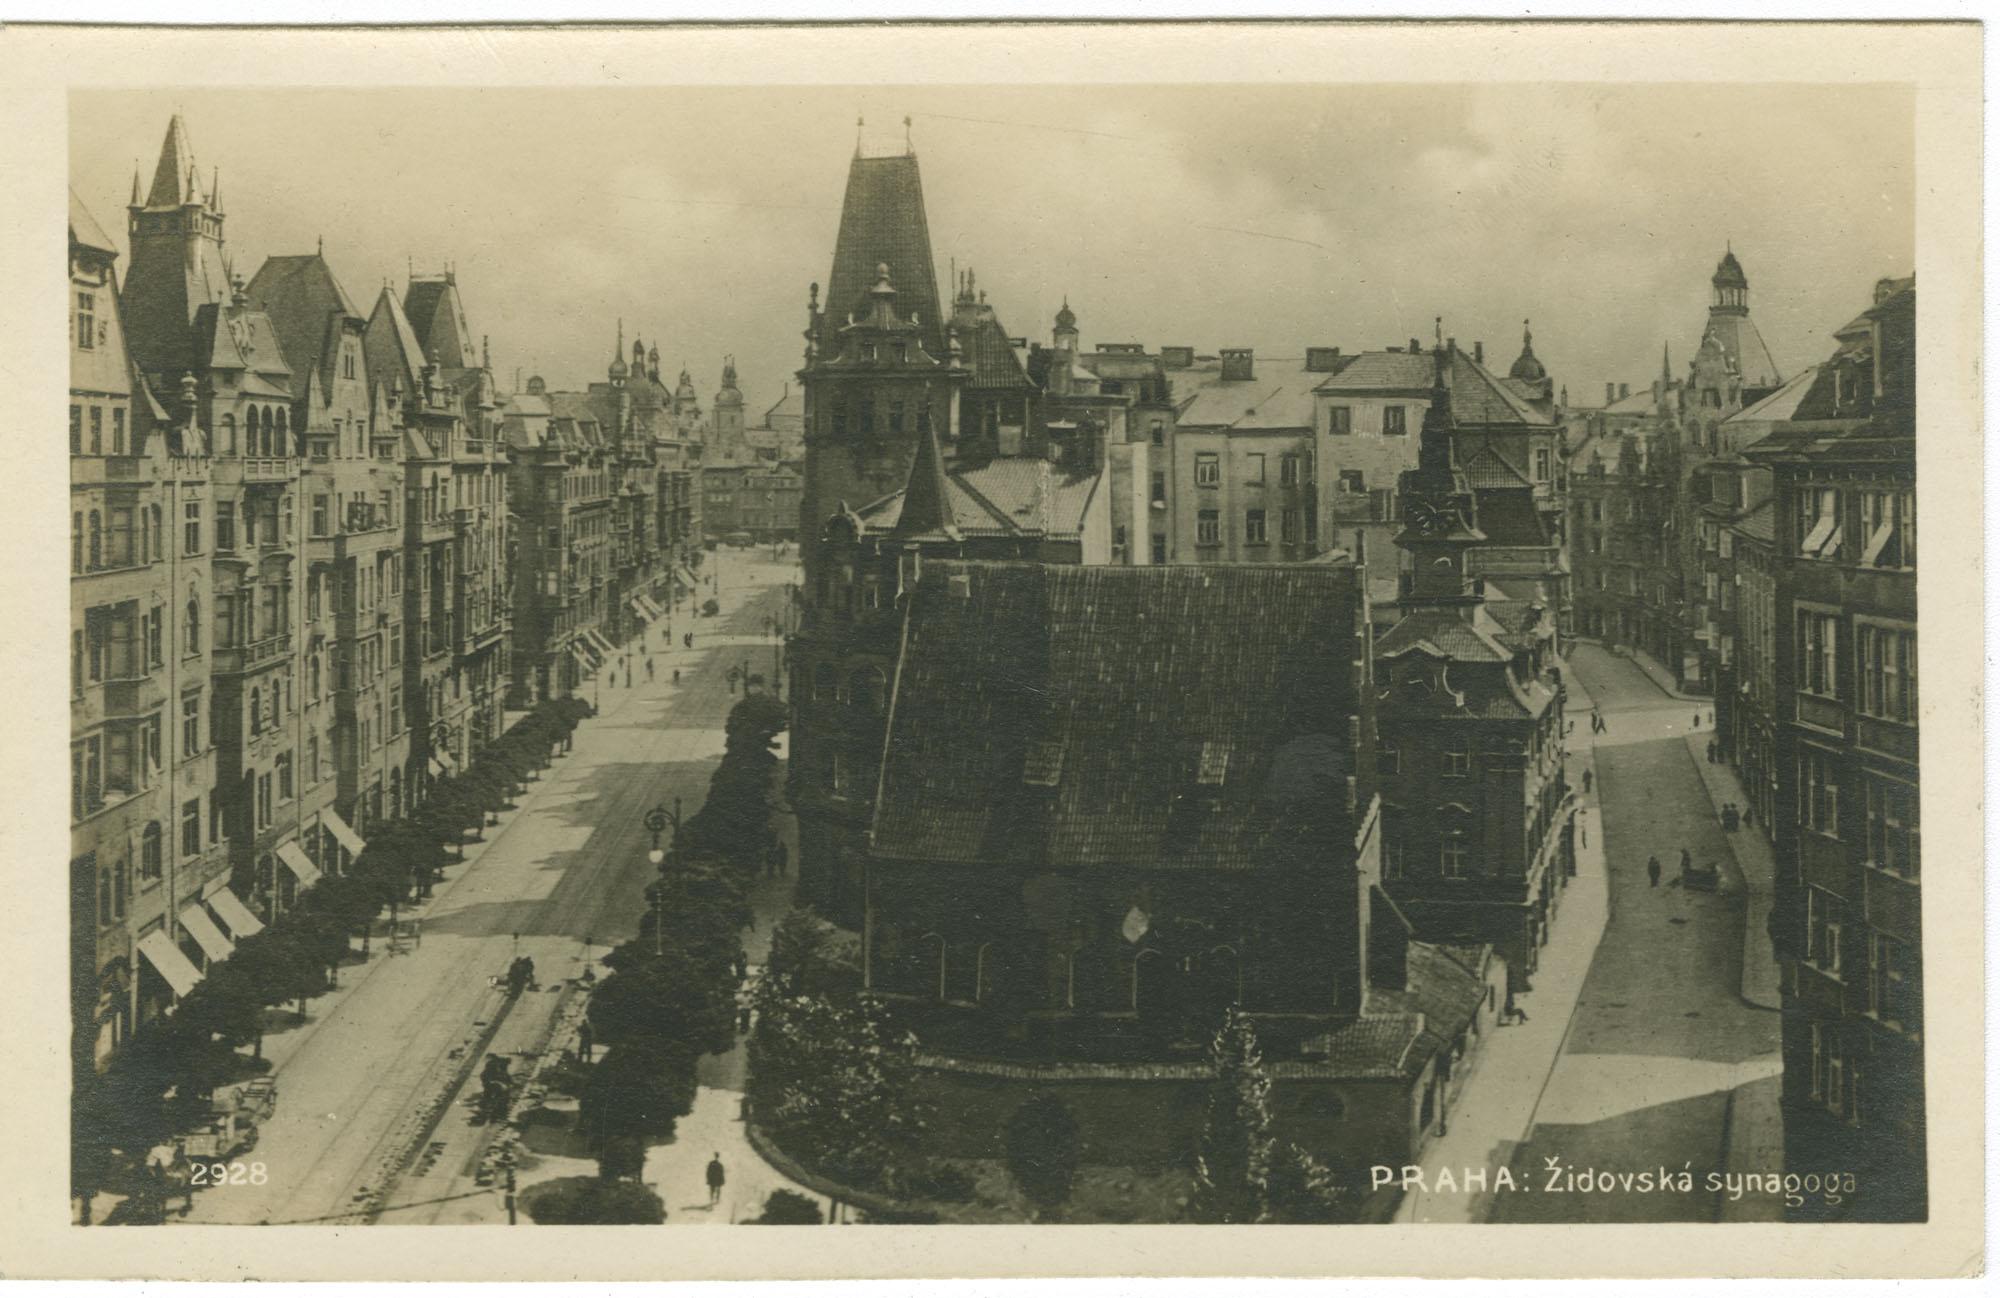 Praha: Židovská synagoga